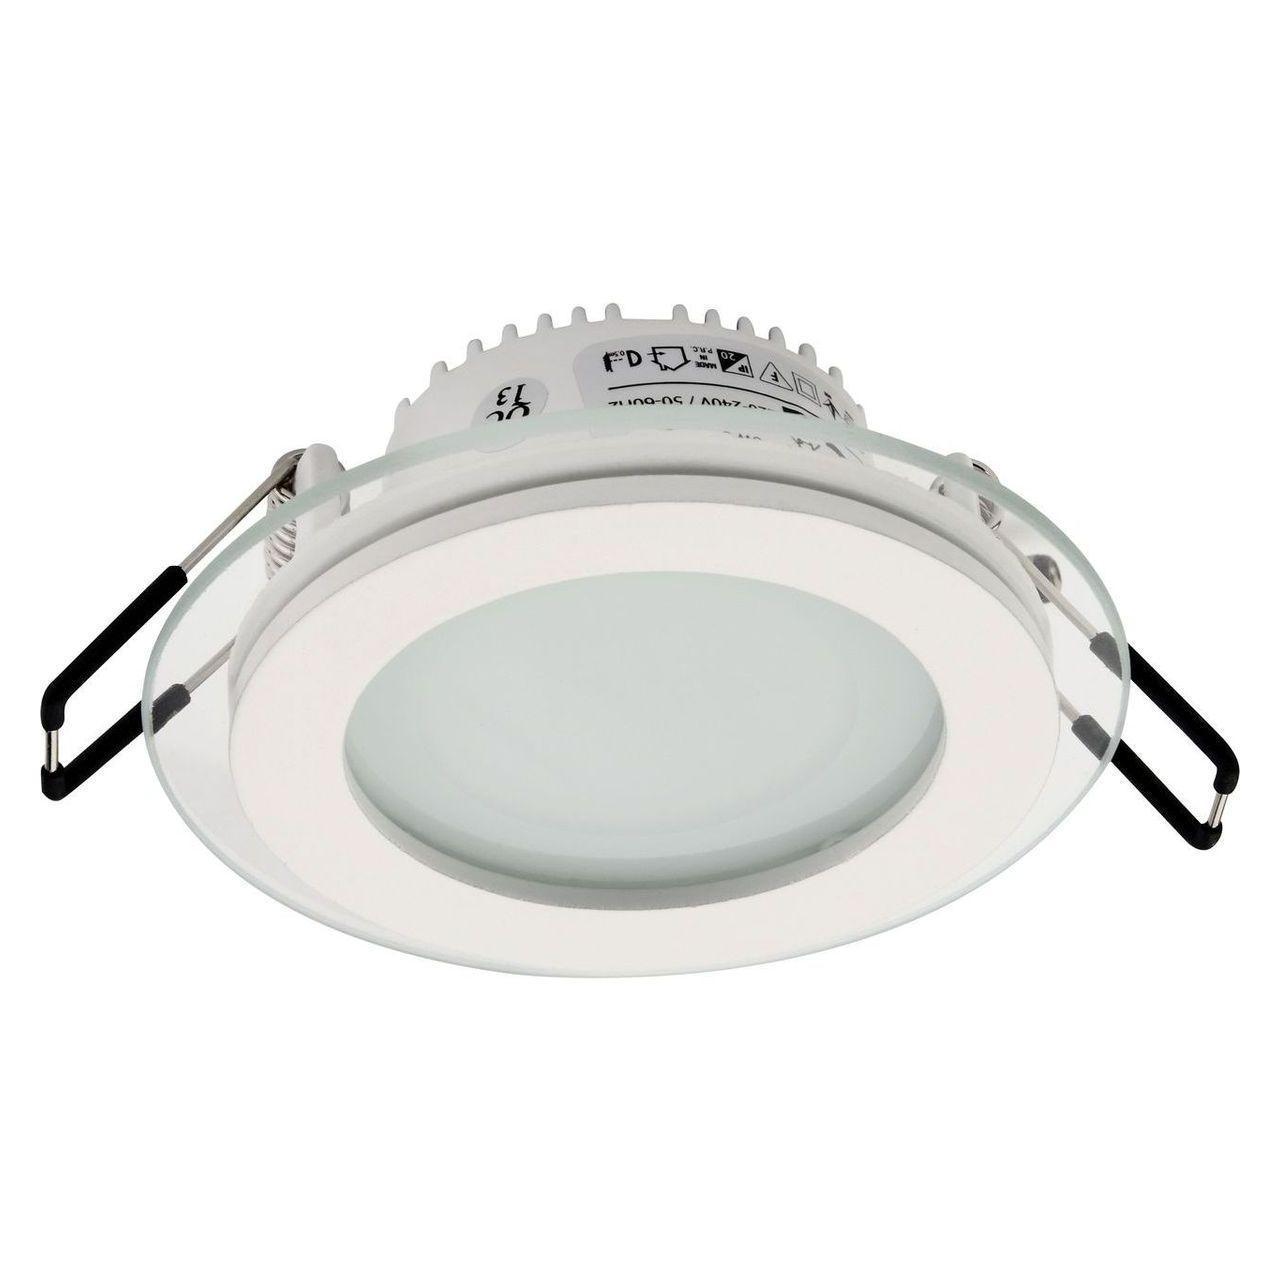 Встраиваемый светодиодный светильник Horoz 6W 3000K белый 016-016-0006 (HL687LG)